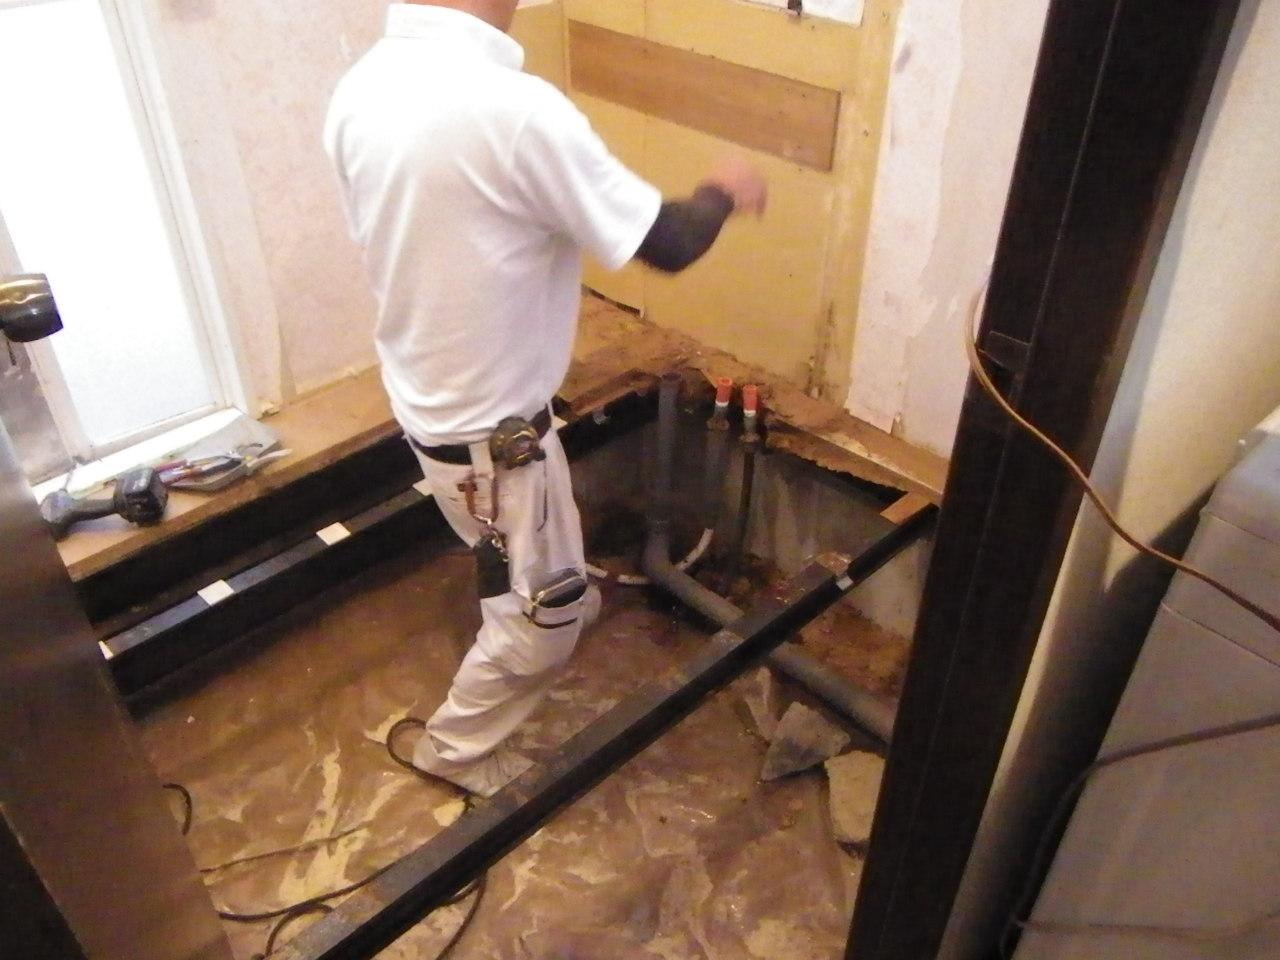 大工さんの手によって、床下の構造物だけになった状態。水を吸って膨らんでしまった床化粧材の下、下地材まで取り払って、フワフワ感やカビ臭ともお別れです。